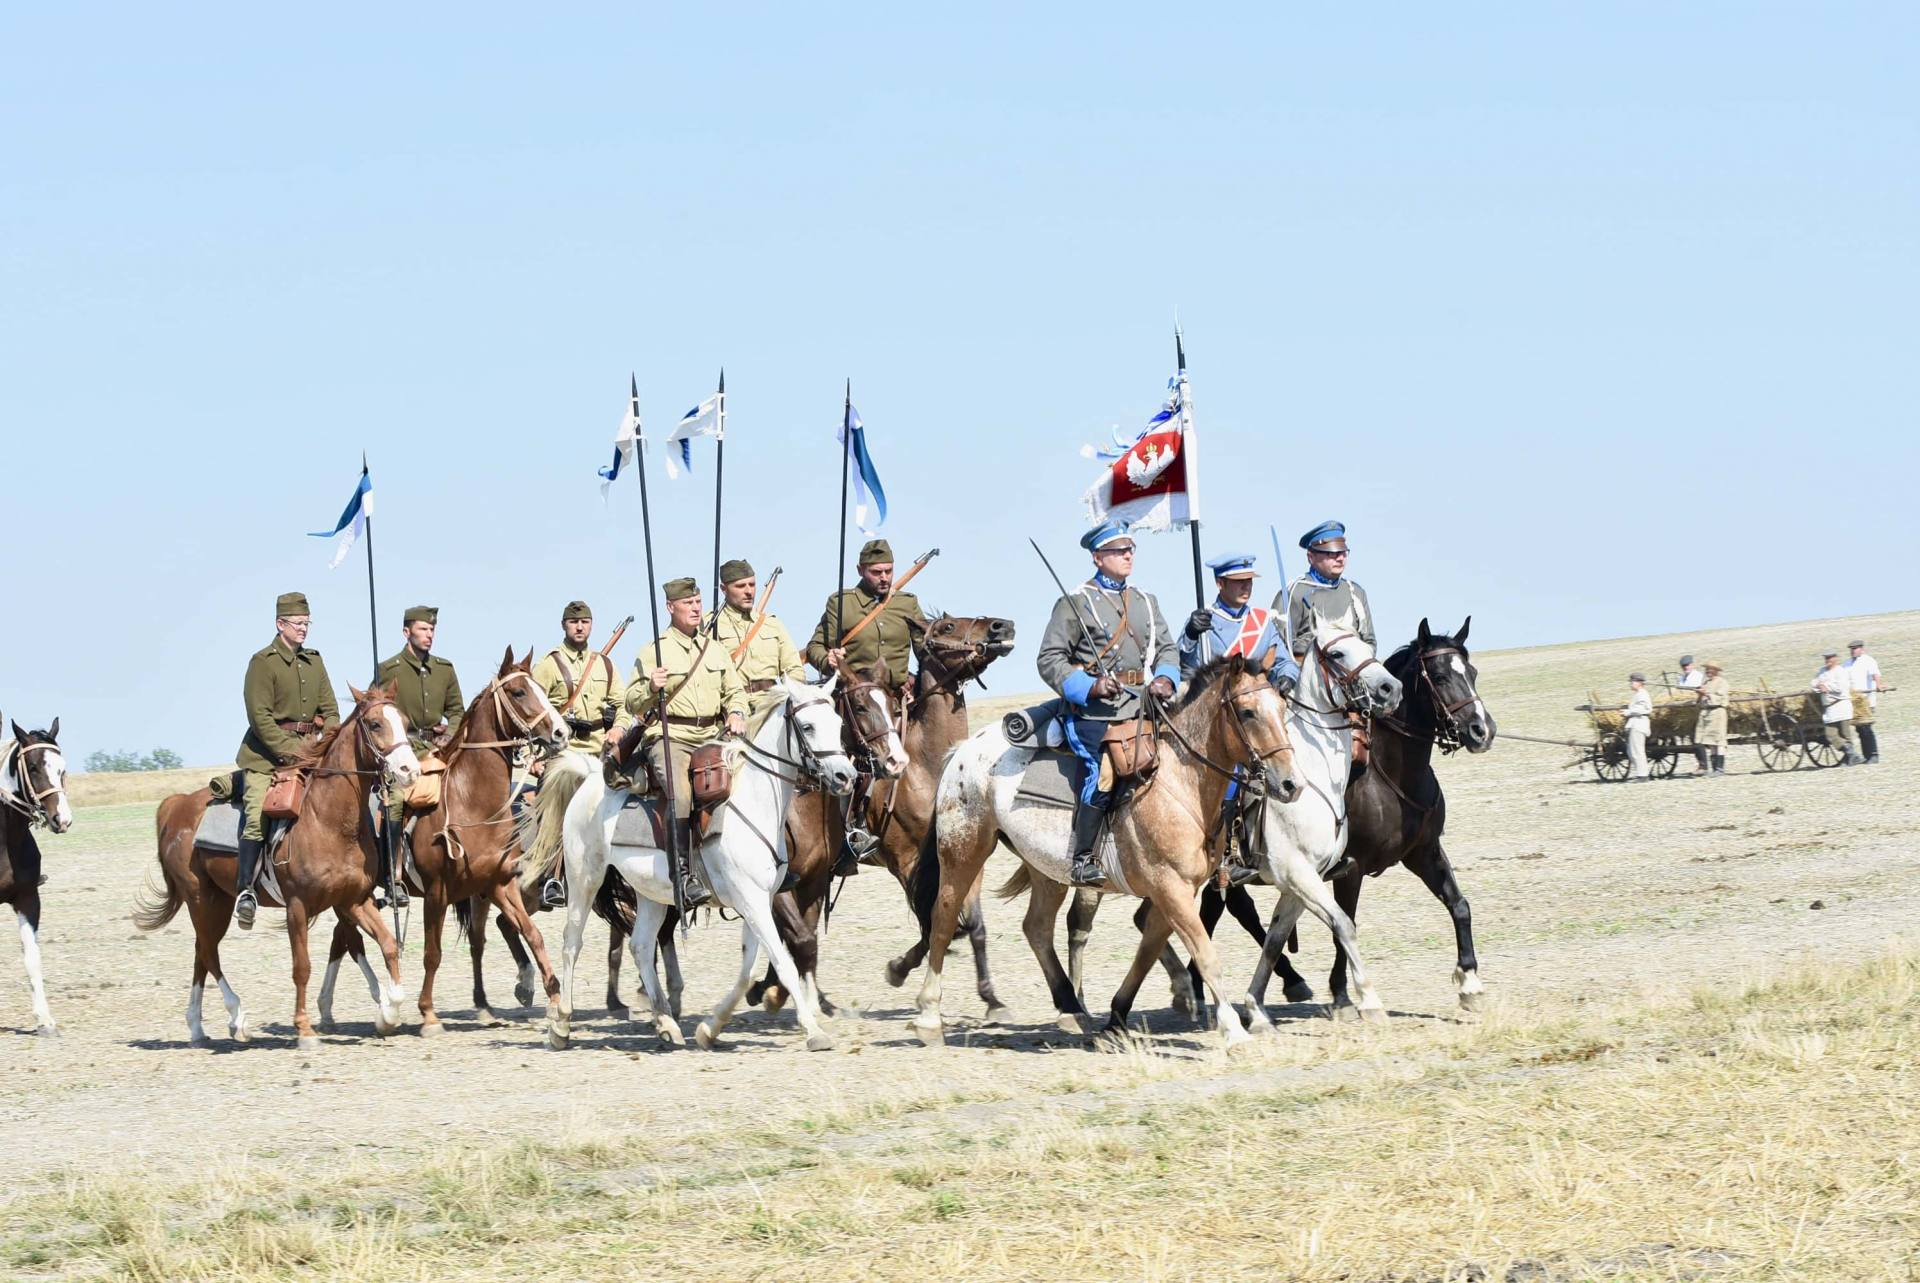 dsc 0604 Czas szabli - 100 rocznica bitwy pod Komarowem(zdjęcia)